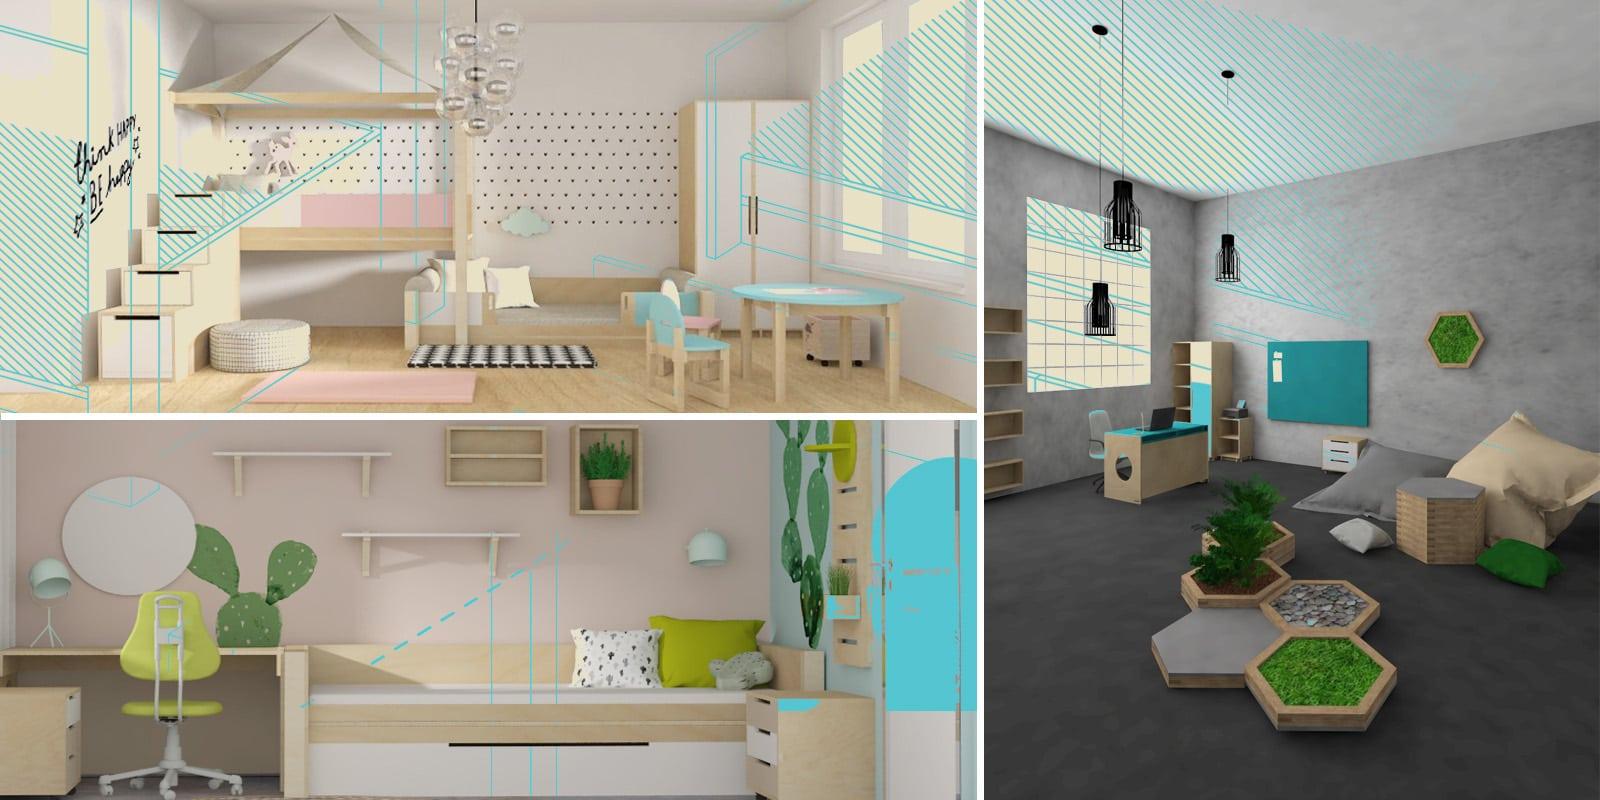 interiérový design, dřevěný nábytek, minimalistický design, dětský design, moderní interiér, návrhy dětských pokojíčků, návrhy kanceláří